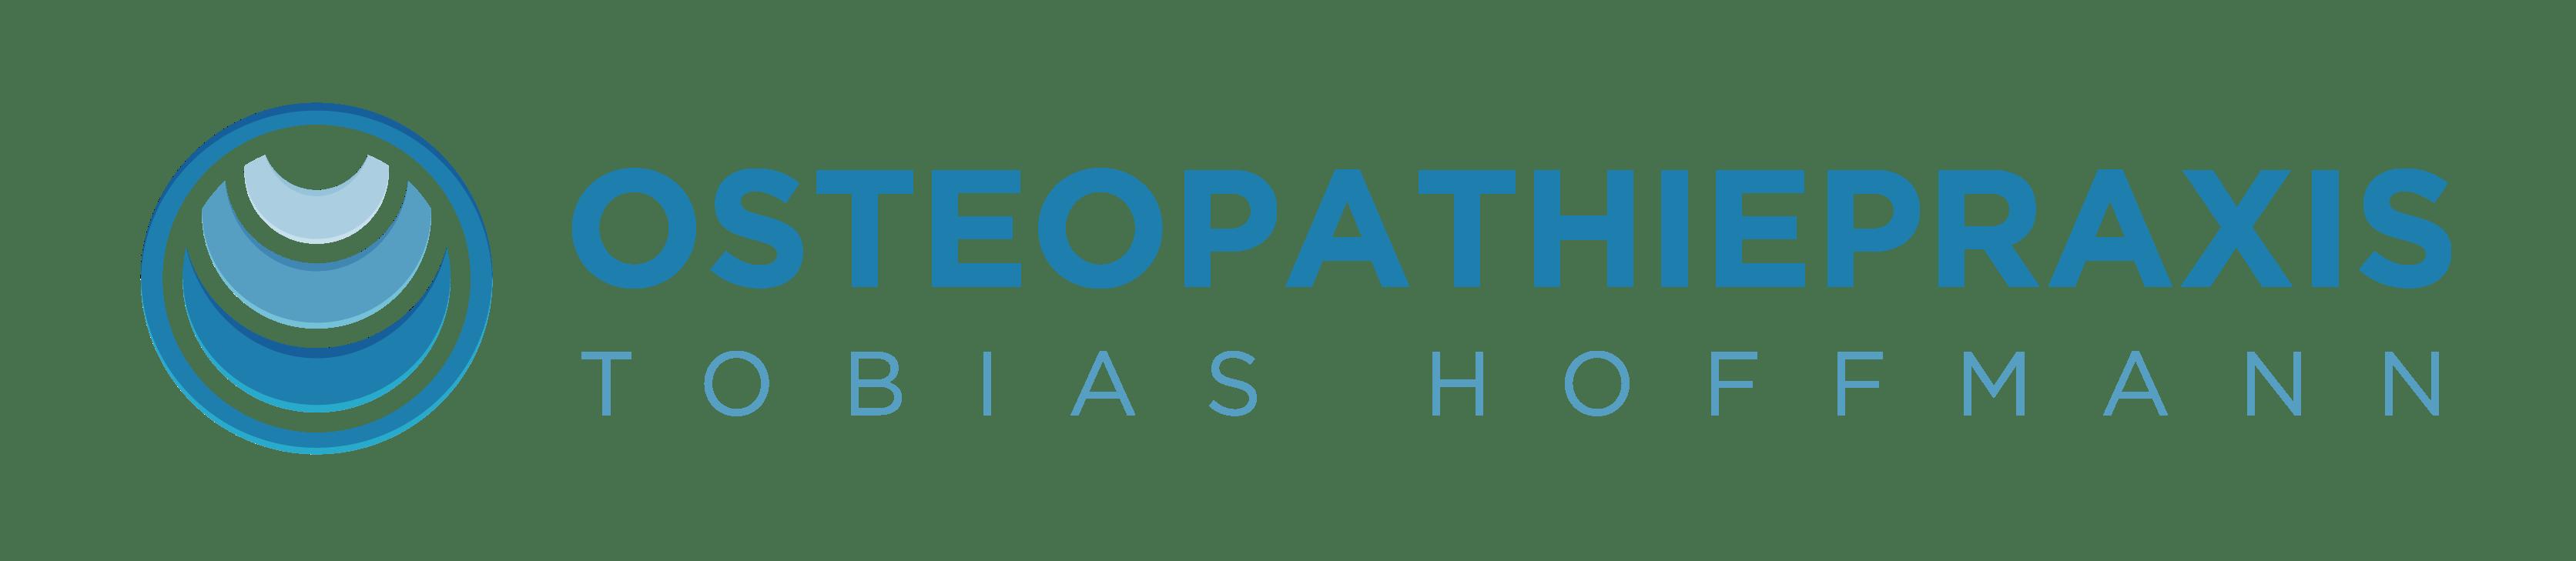 Osteopathiepraxis Hoffmann